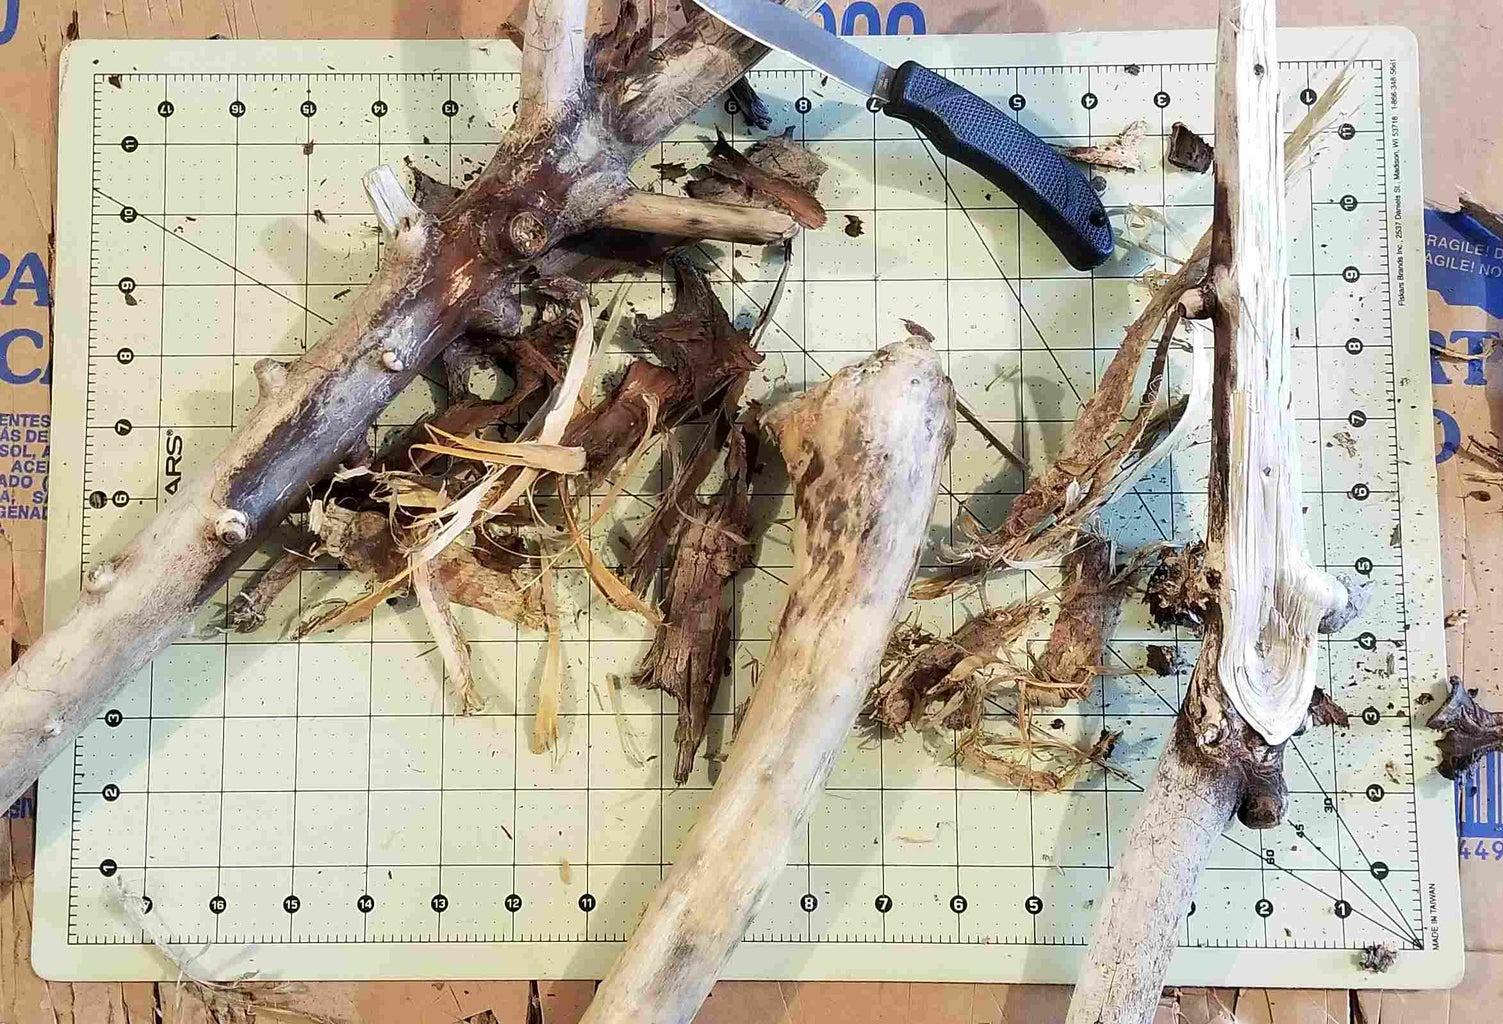 De-bark and Exfoliate